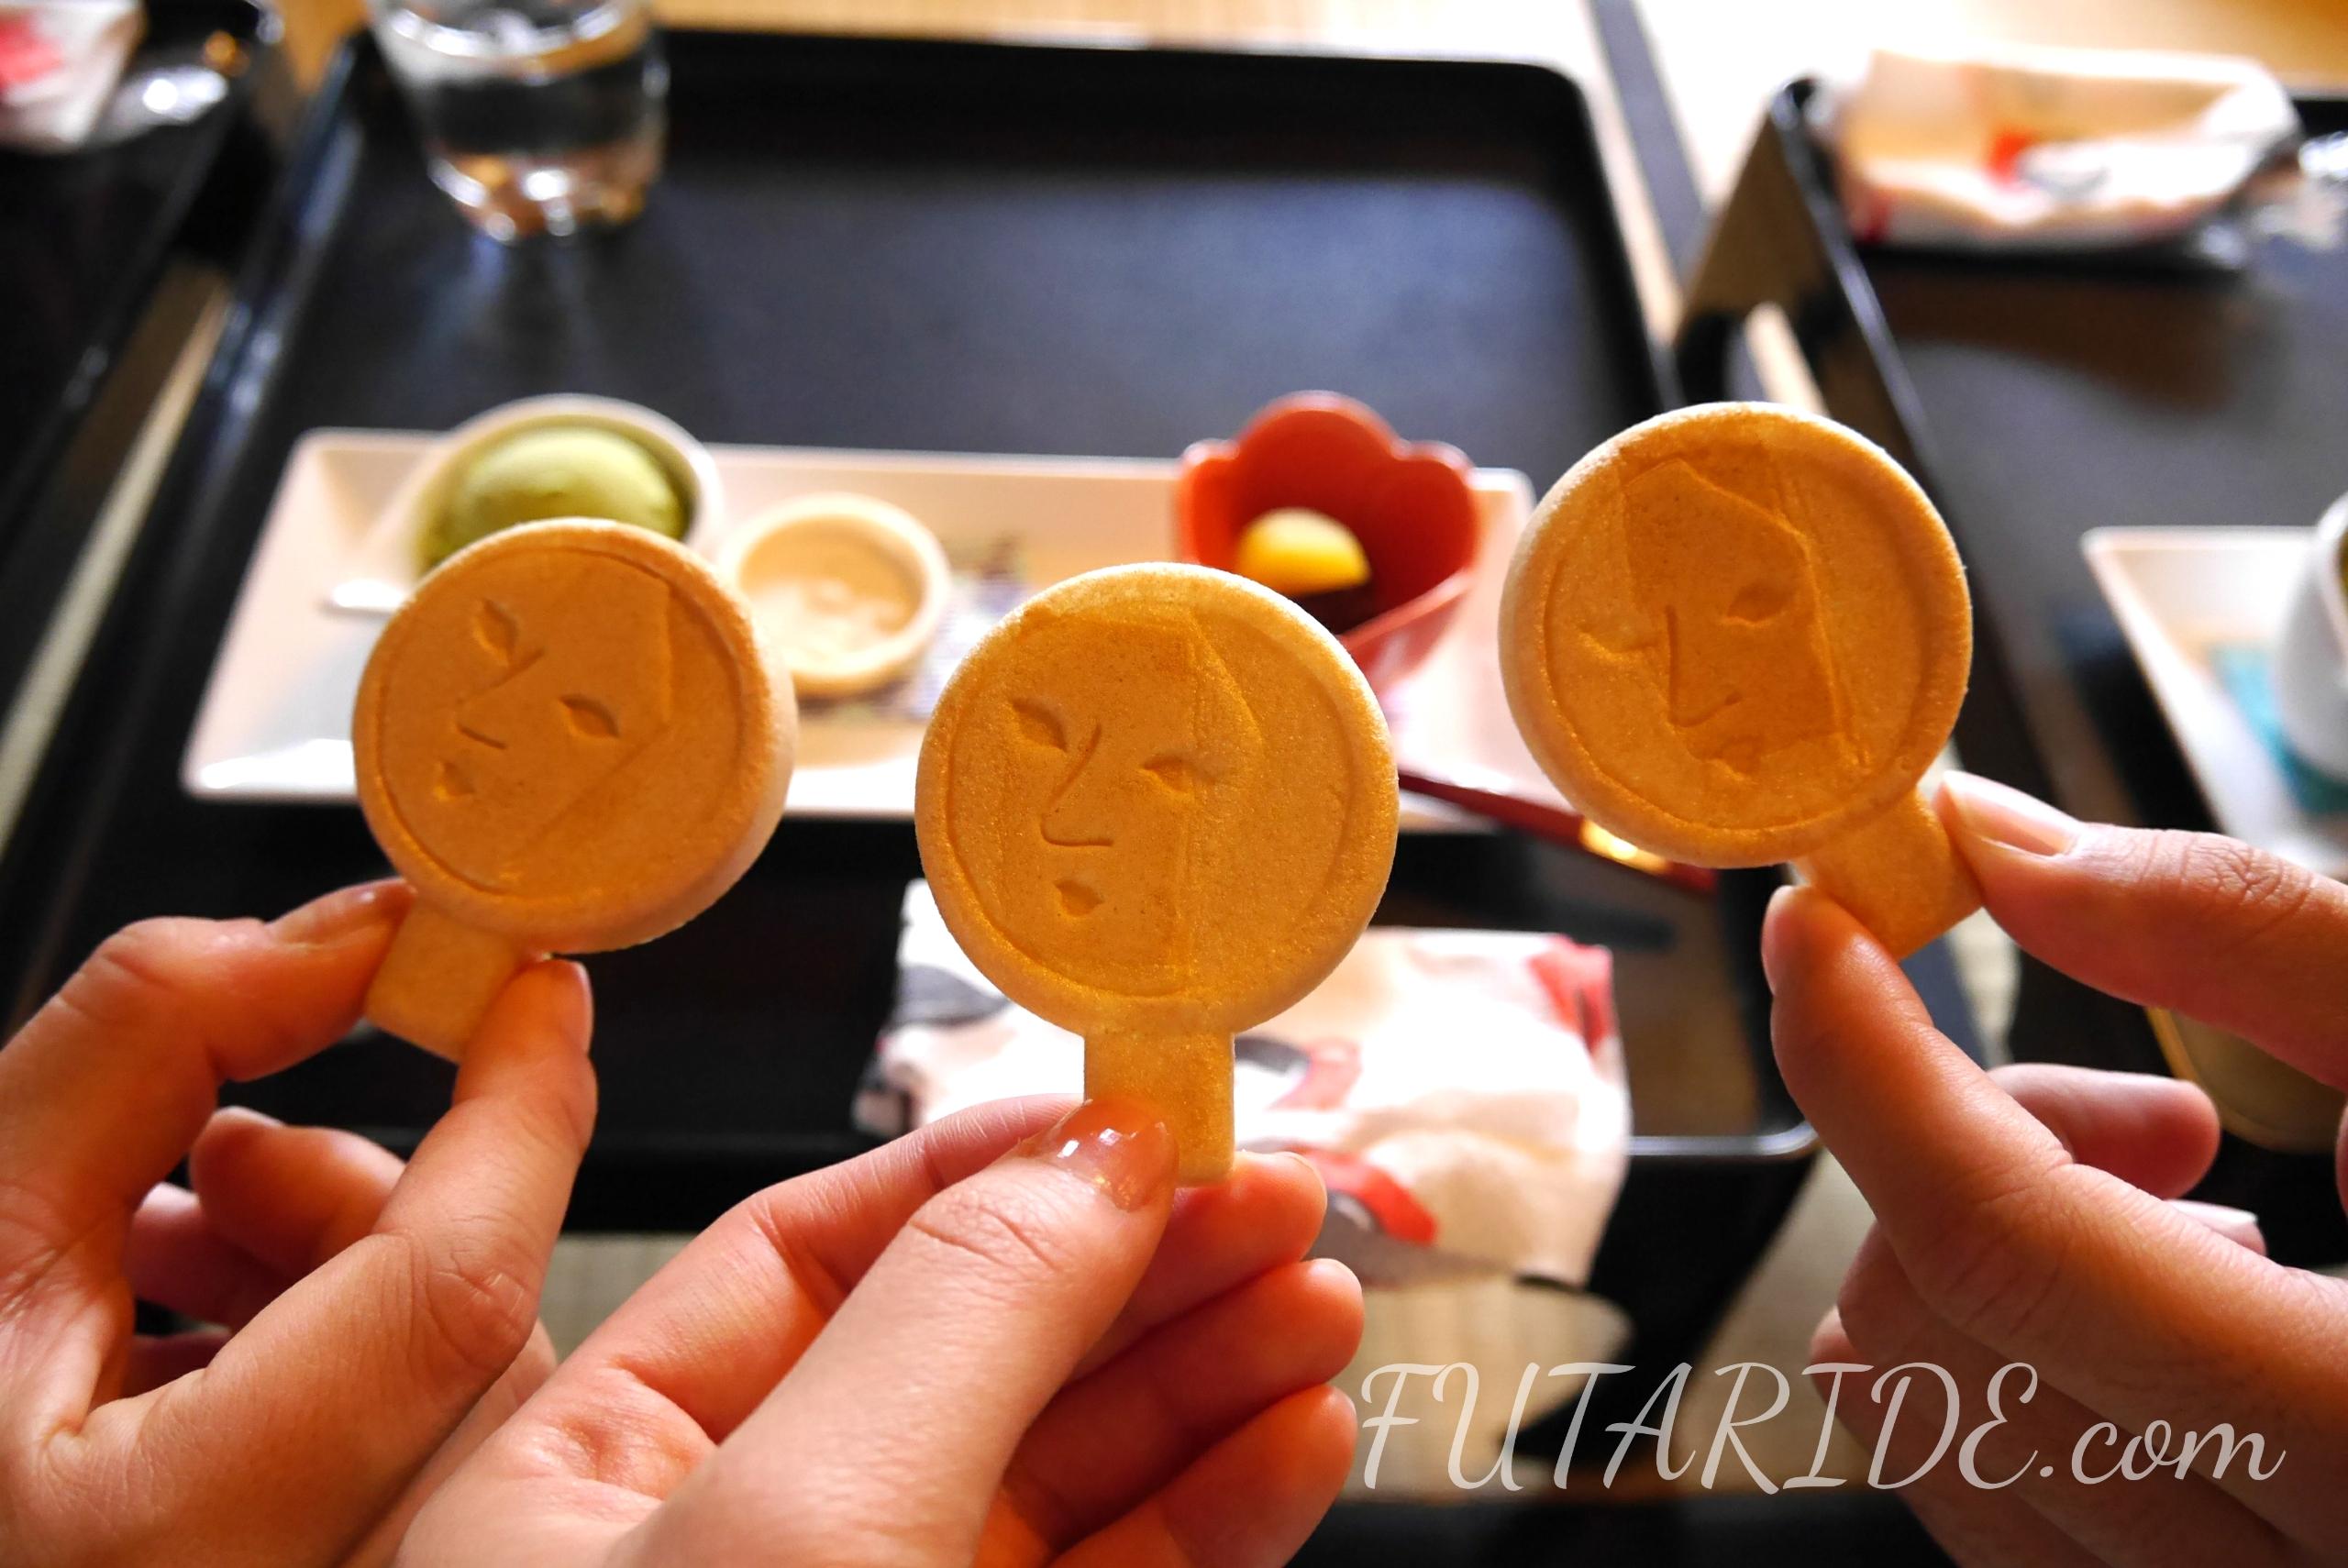 【よーじやカフェ 銀閣寺店】ここぞ京都!京都の魅力を堪能できる和風カフェ【哲学の道】